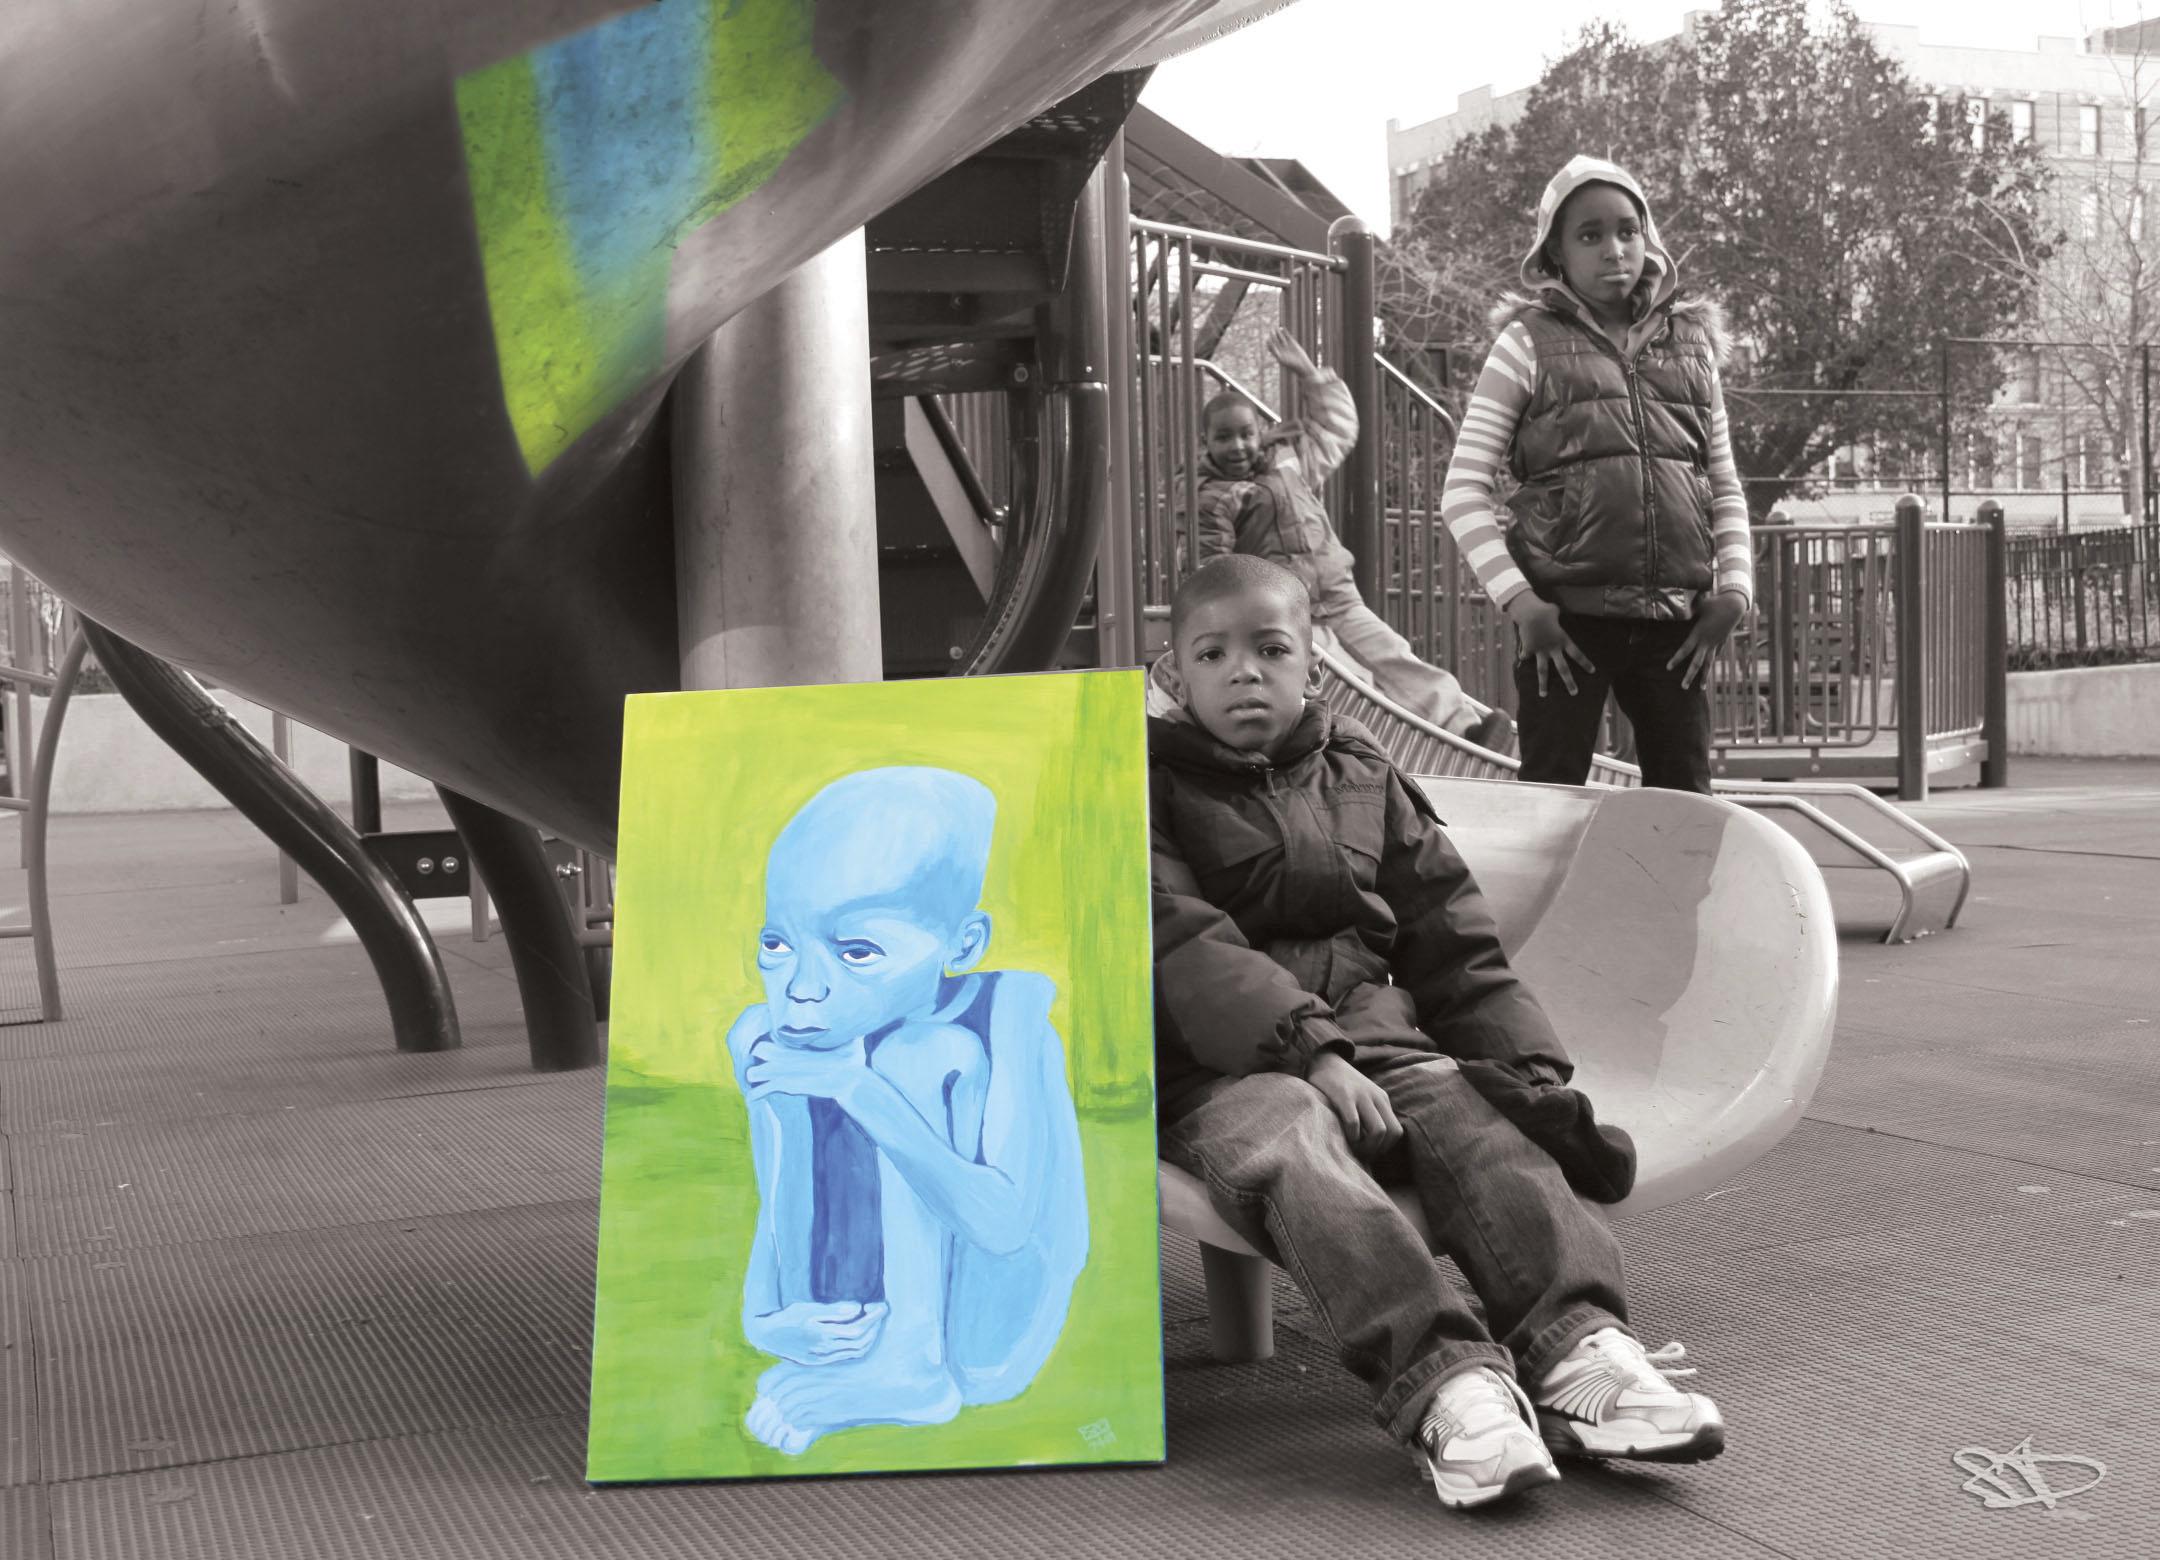 4. lil boy june playground photo.jpg